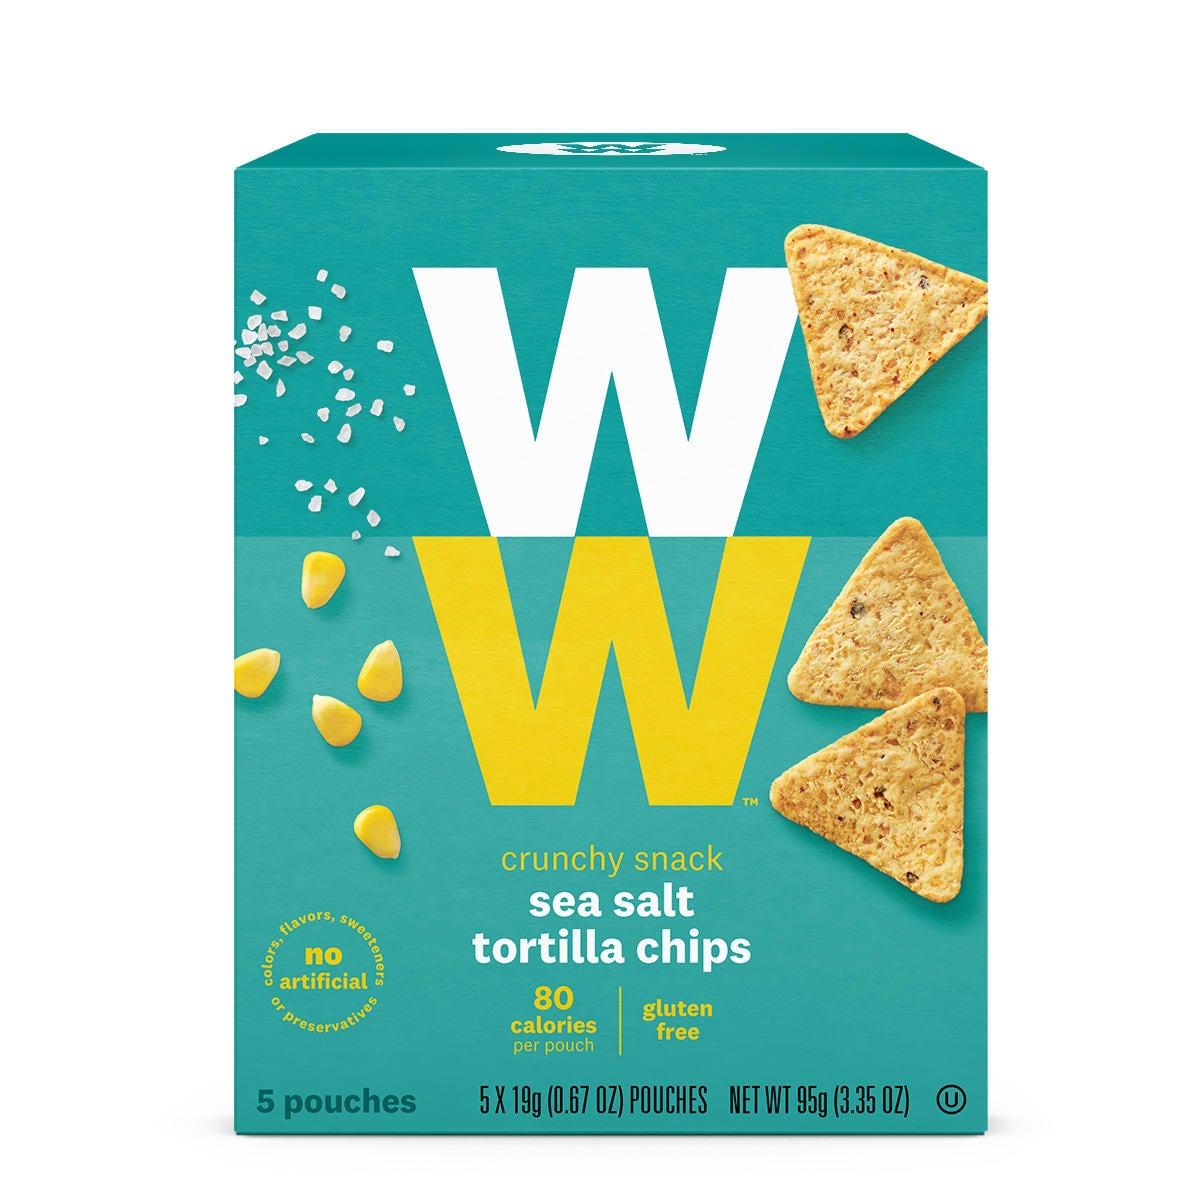 Sea Salt Tortilla Chips, front of box, 80 calories, gluten free